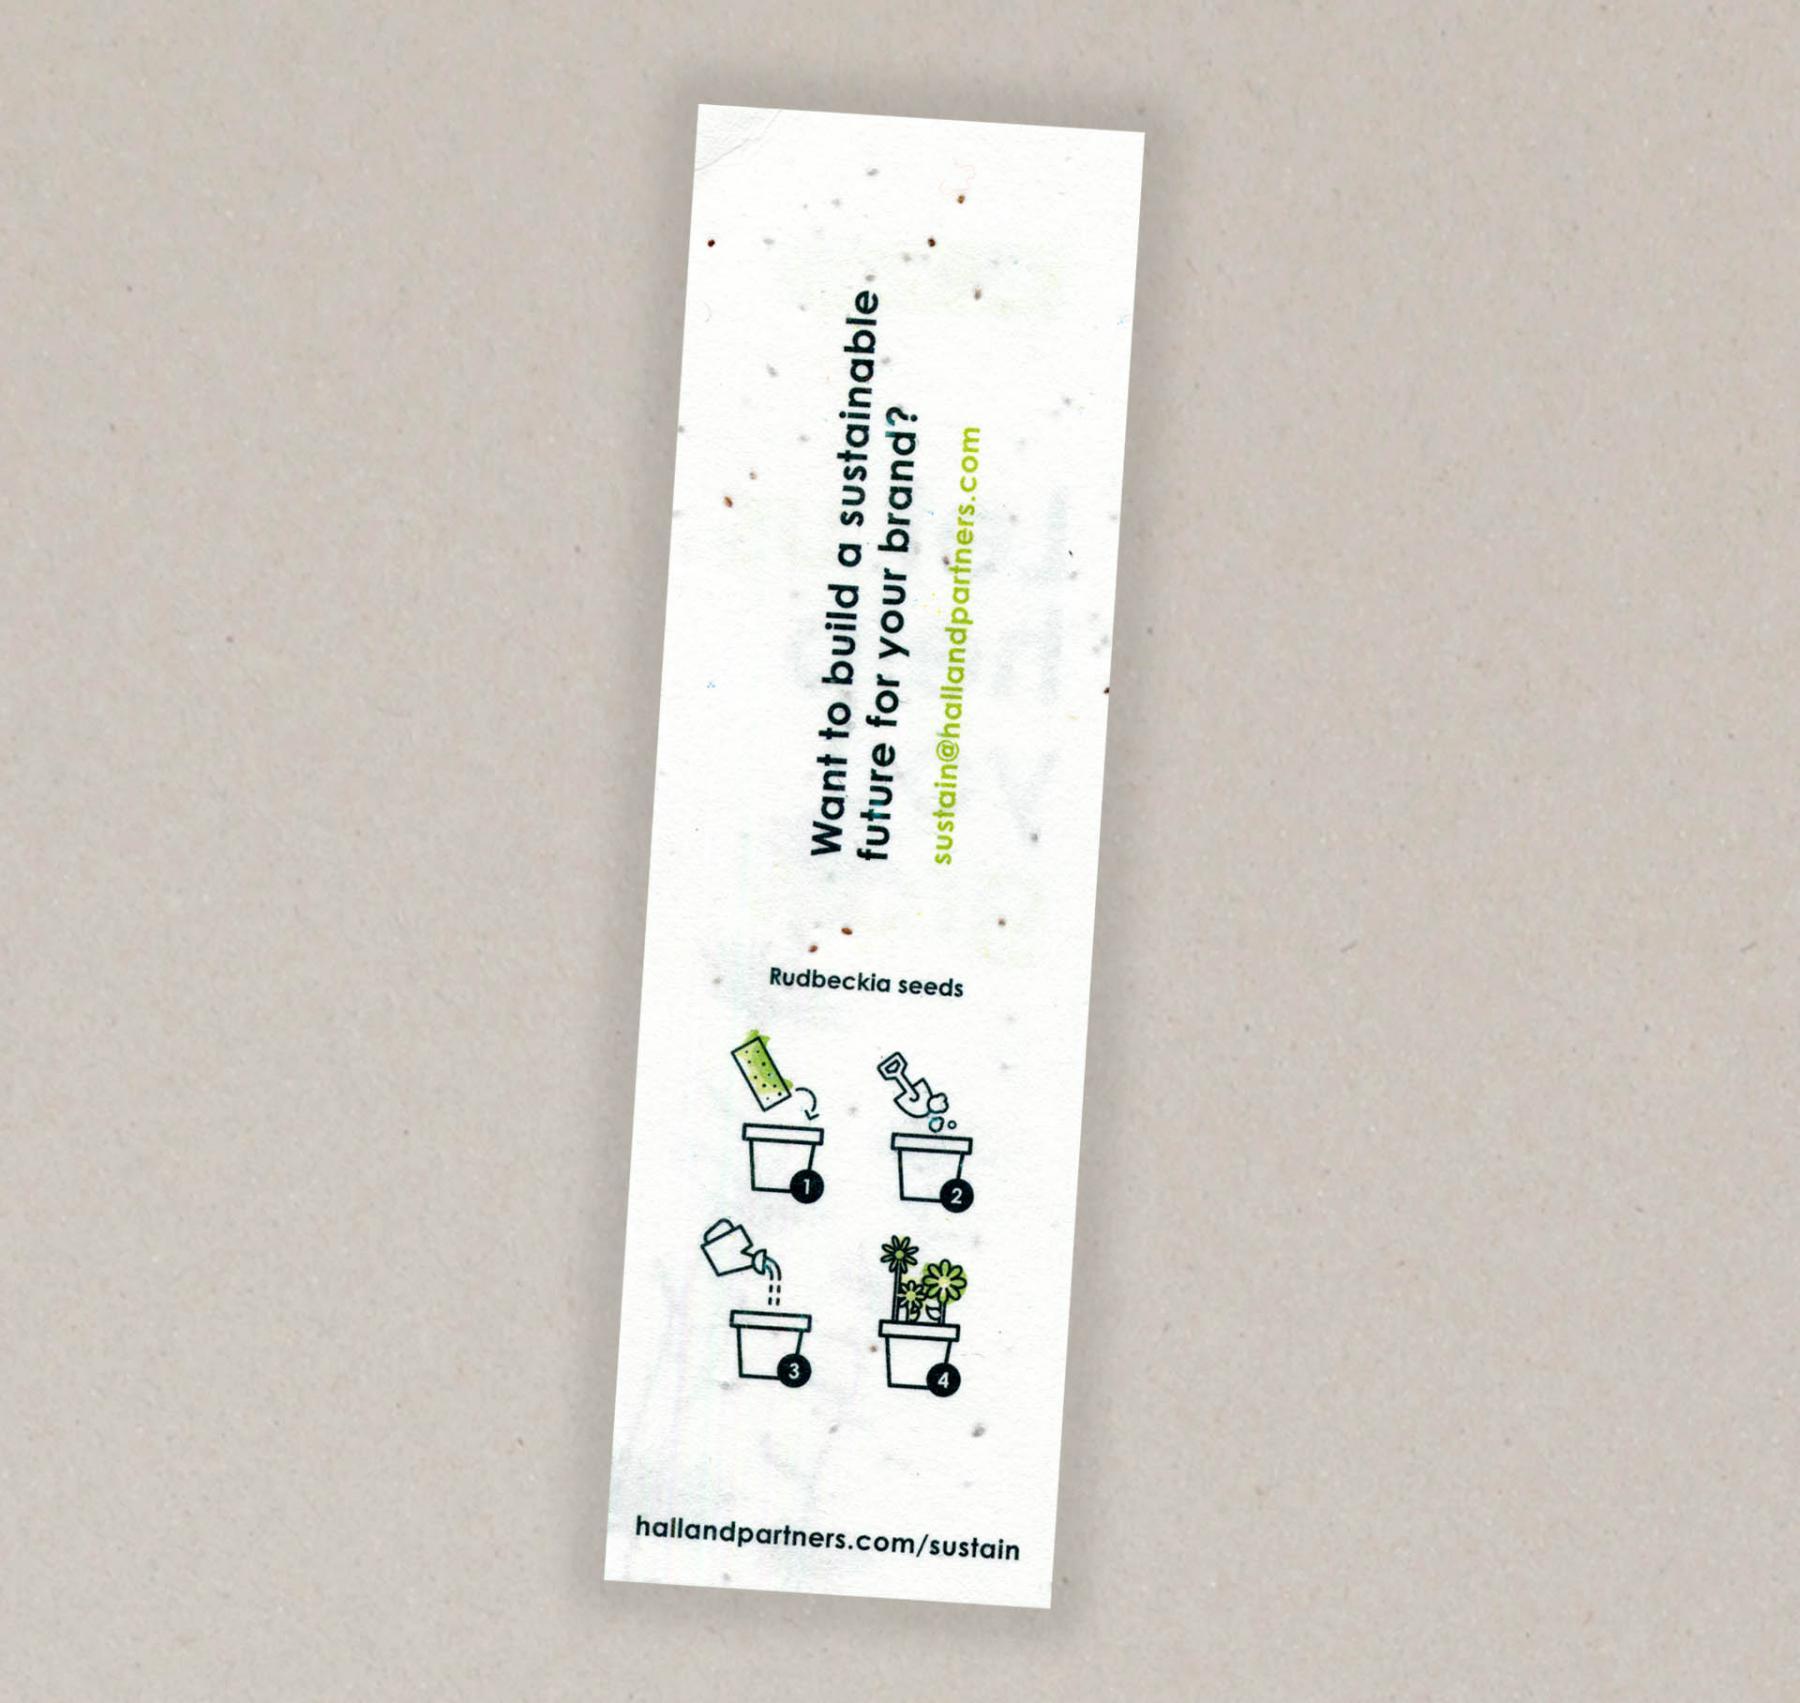 Papel con semillas para el  Hall & Partners - cara B